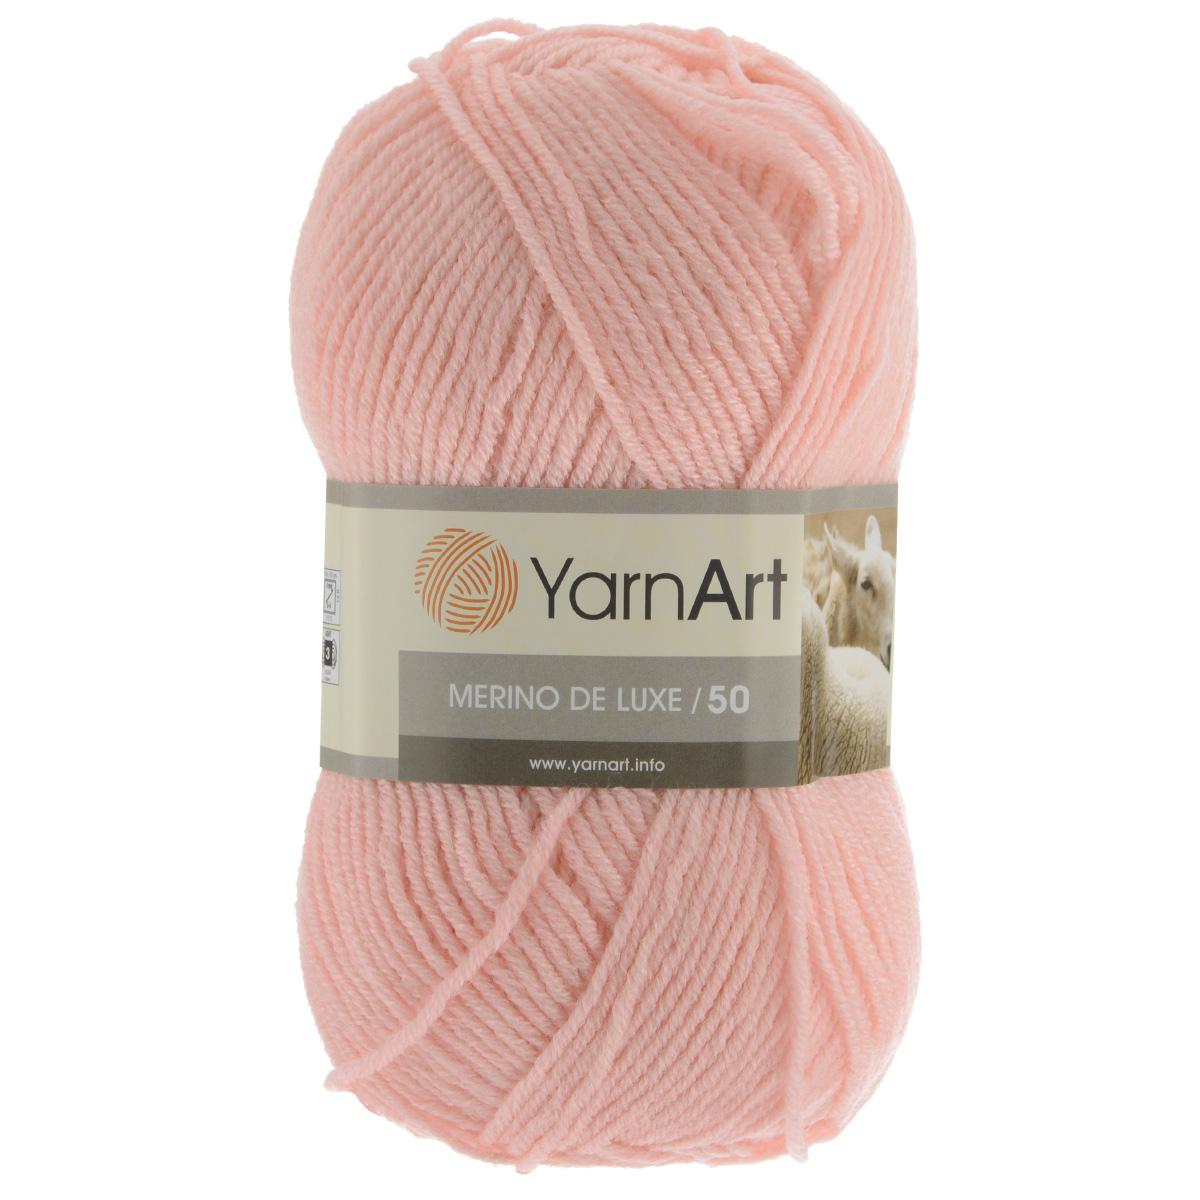 Пряжа для вязания YarnArt Merino de Lux, цвет: персиковый (), 280 м, 100 г, 5 шт372049_Классическая пряжа для вязания YarnArt  Merino de Lux изготовлена из шерсти и акрила. Пряжа очень мягкая и приятная на ощупь. Теплая, уютная, эта пряжа идеально подходит для вязки демисезонных вещей. Шапочки, шарфы, снуды, свитера, жилеты вяжутся из этой пряжи быстро и легко. Изделия приятны в носке и долго не теряют форму после ручной стирки. Рекомендуются спицы 3,5 мм, крючок 4 мм. Состав: 49% шерсть, 51% акрил.